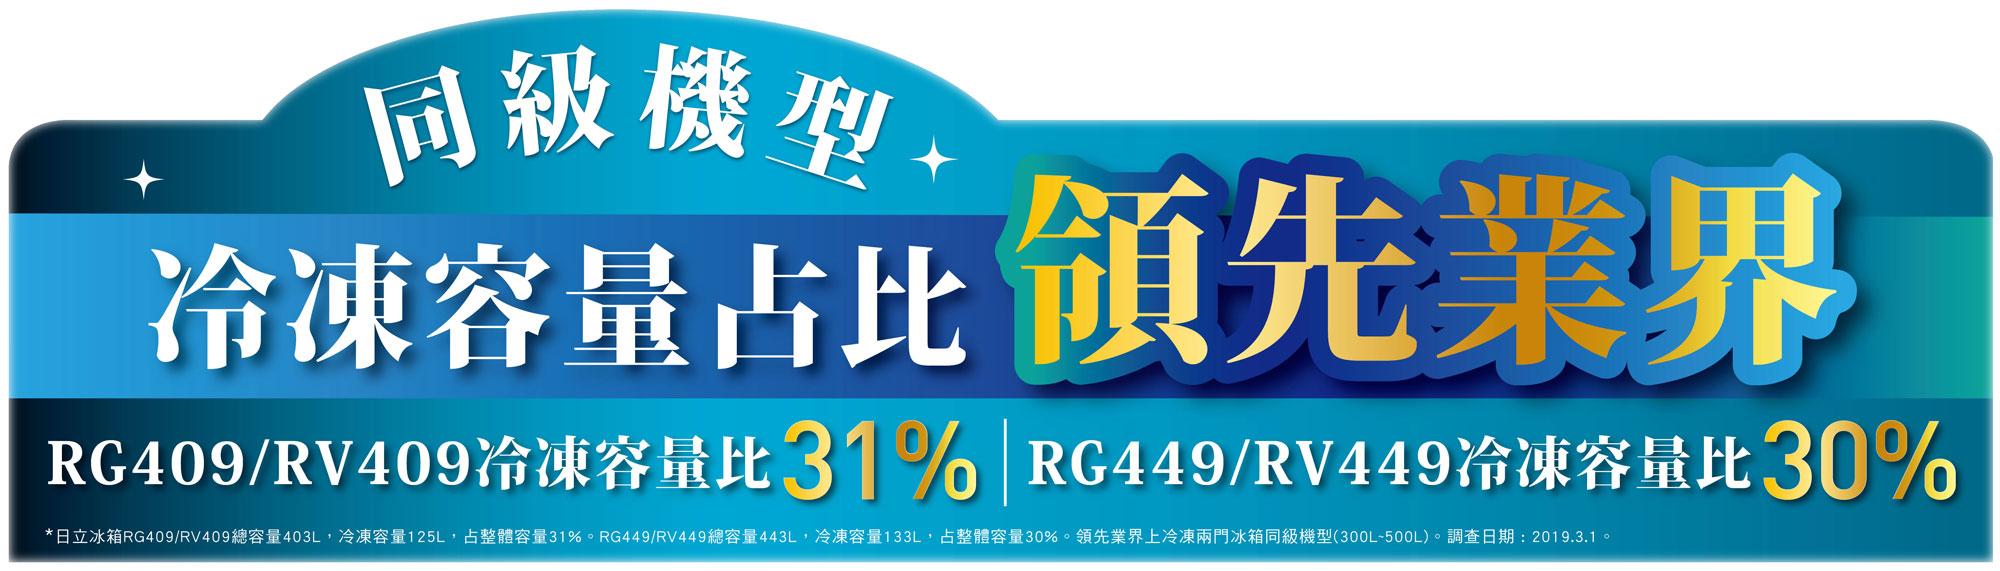 冷凍室133L超大設計 冷凍室占總容量30%